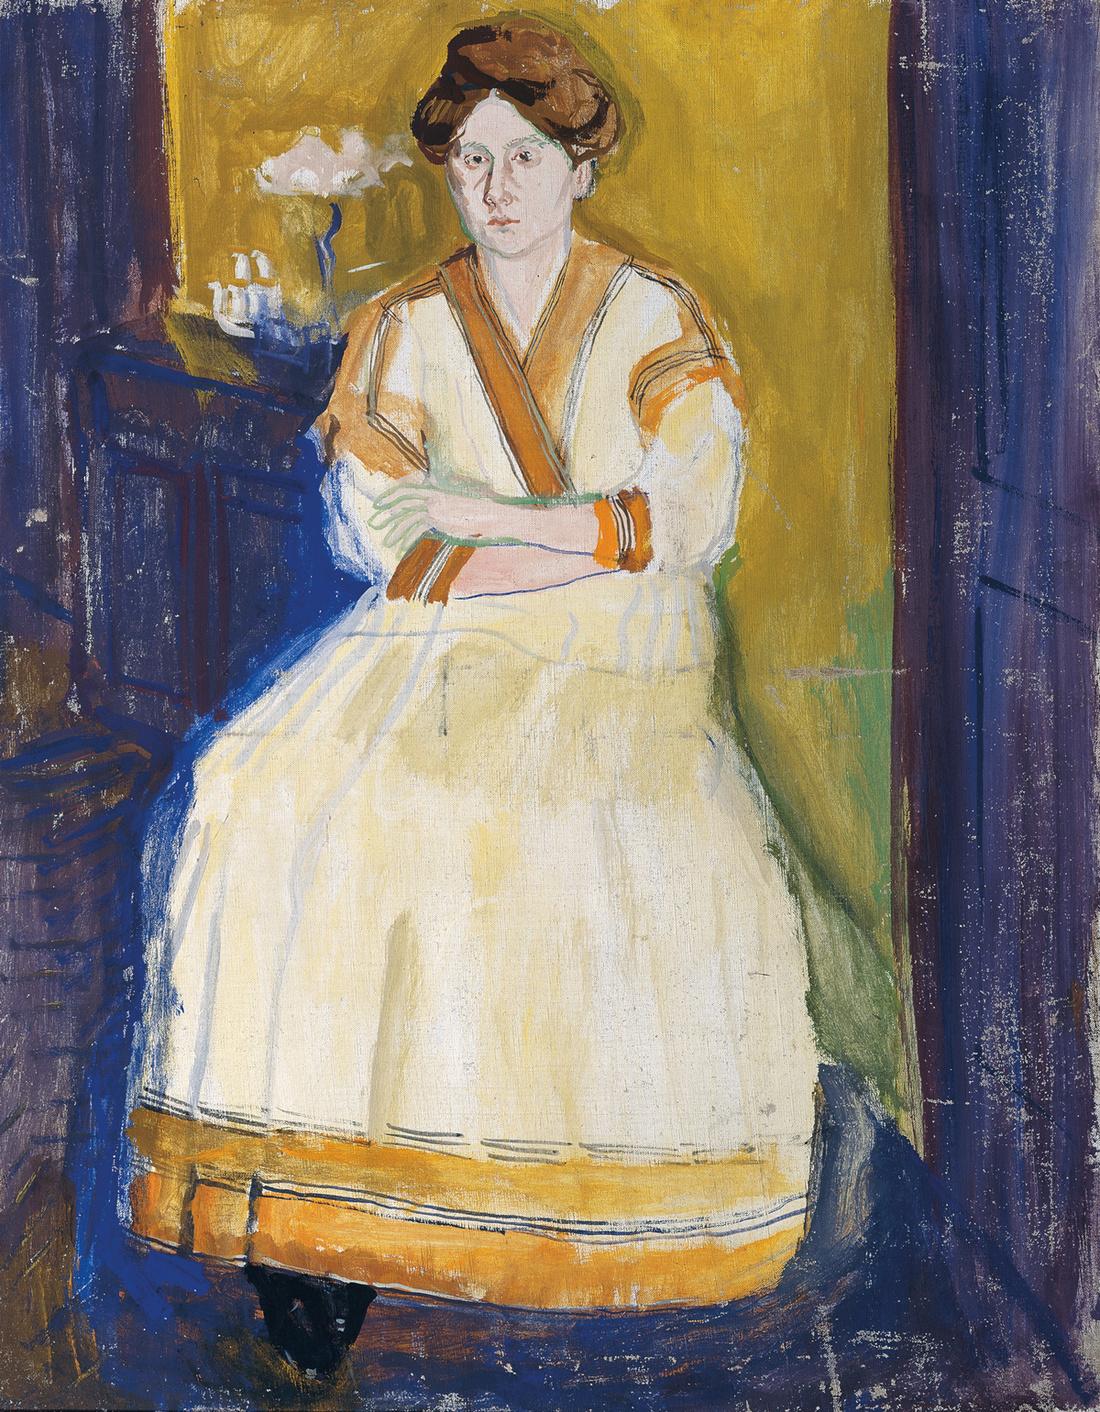 Gerstl, Mathilde Schönberg. Courtesy of Belvedere, Vienna.